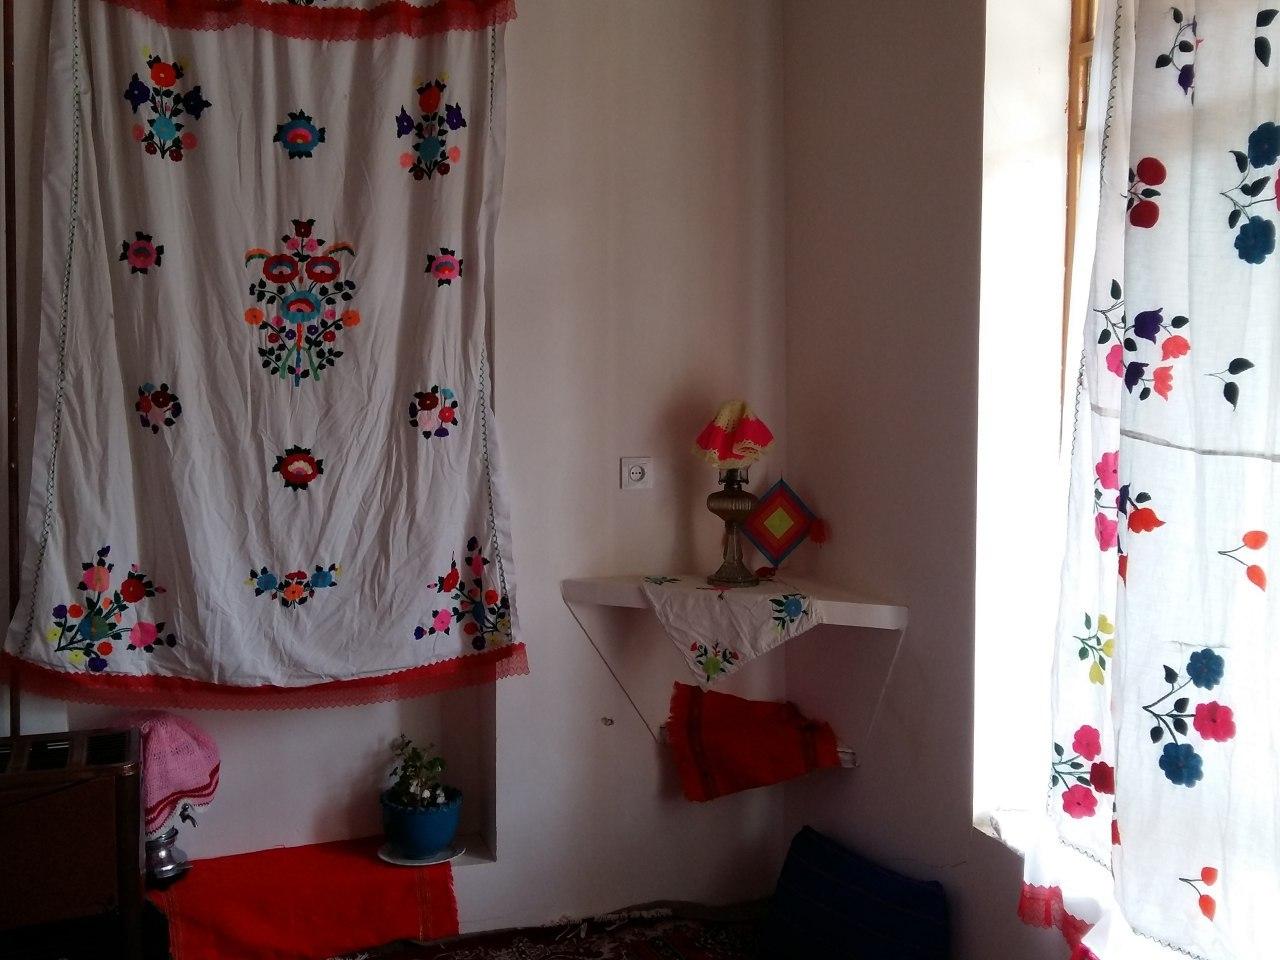 Eco-tourism خانه سنتی در روئین اسفراین